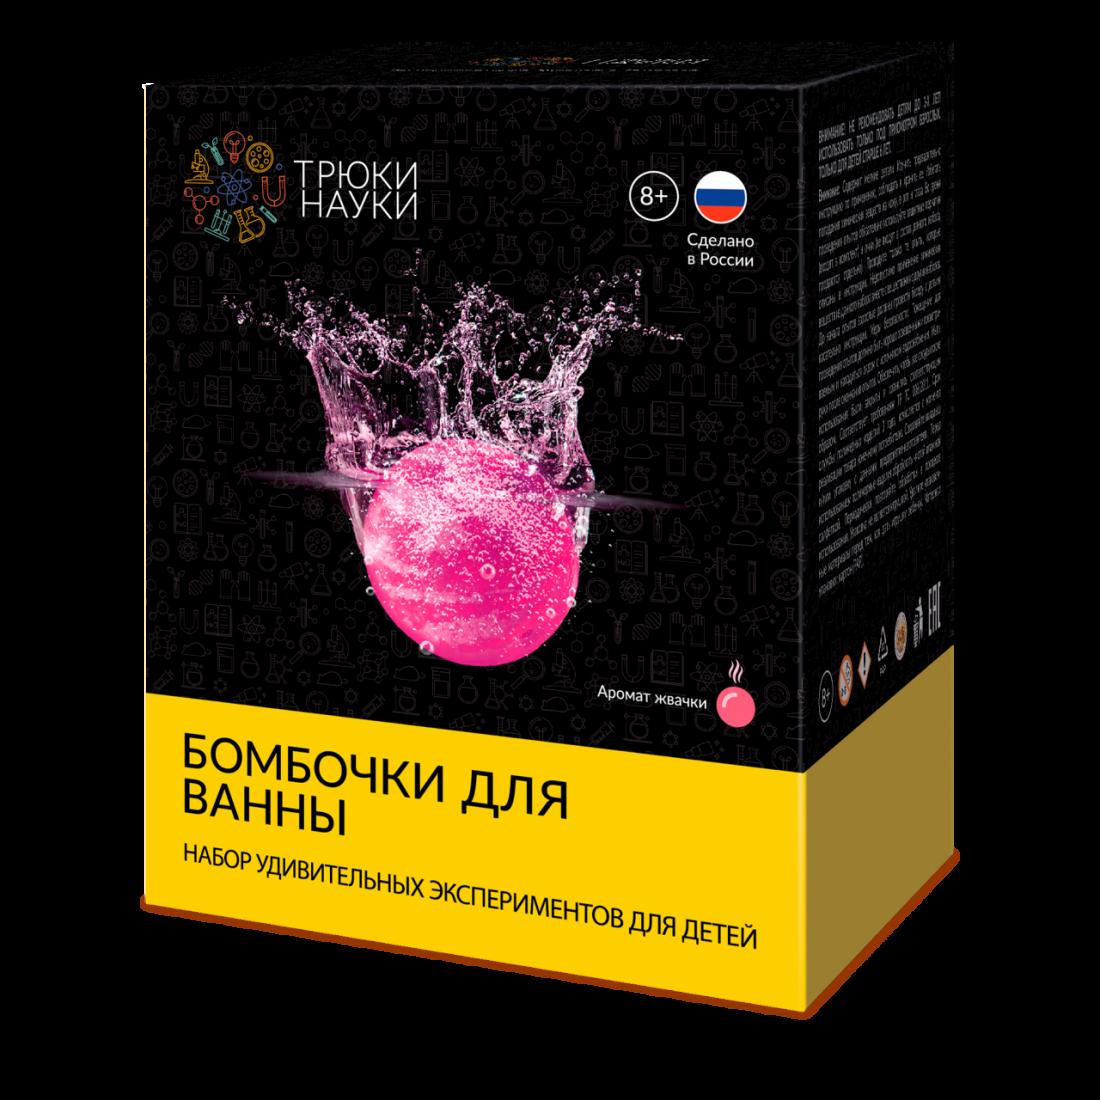 Набор ТРЮКИ НАУКИ Z114 Бомбочки для ванны (жвачка)